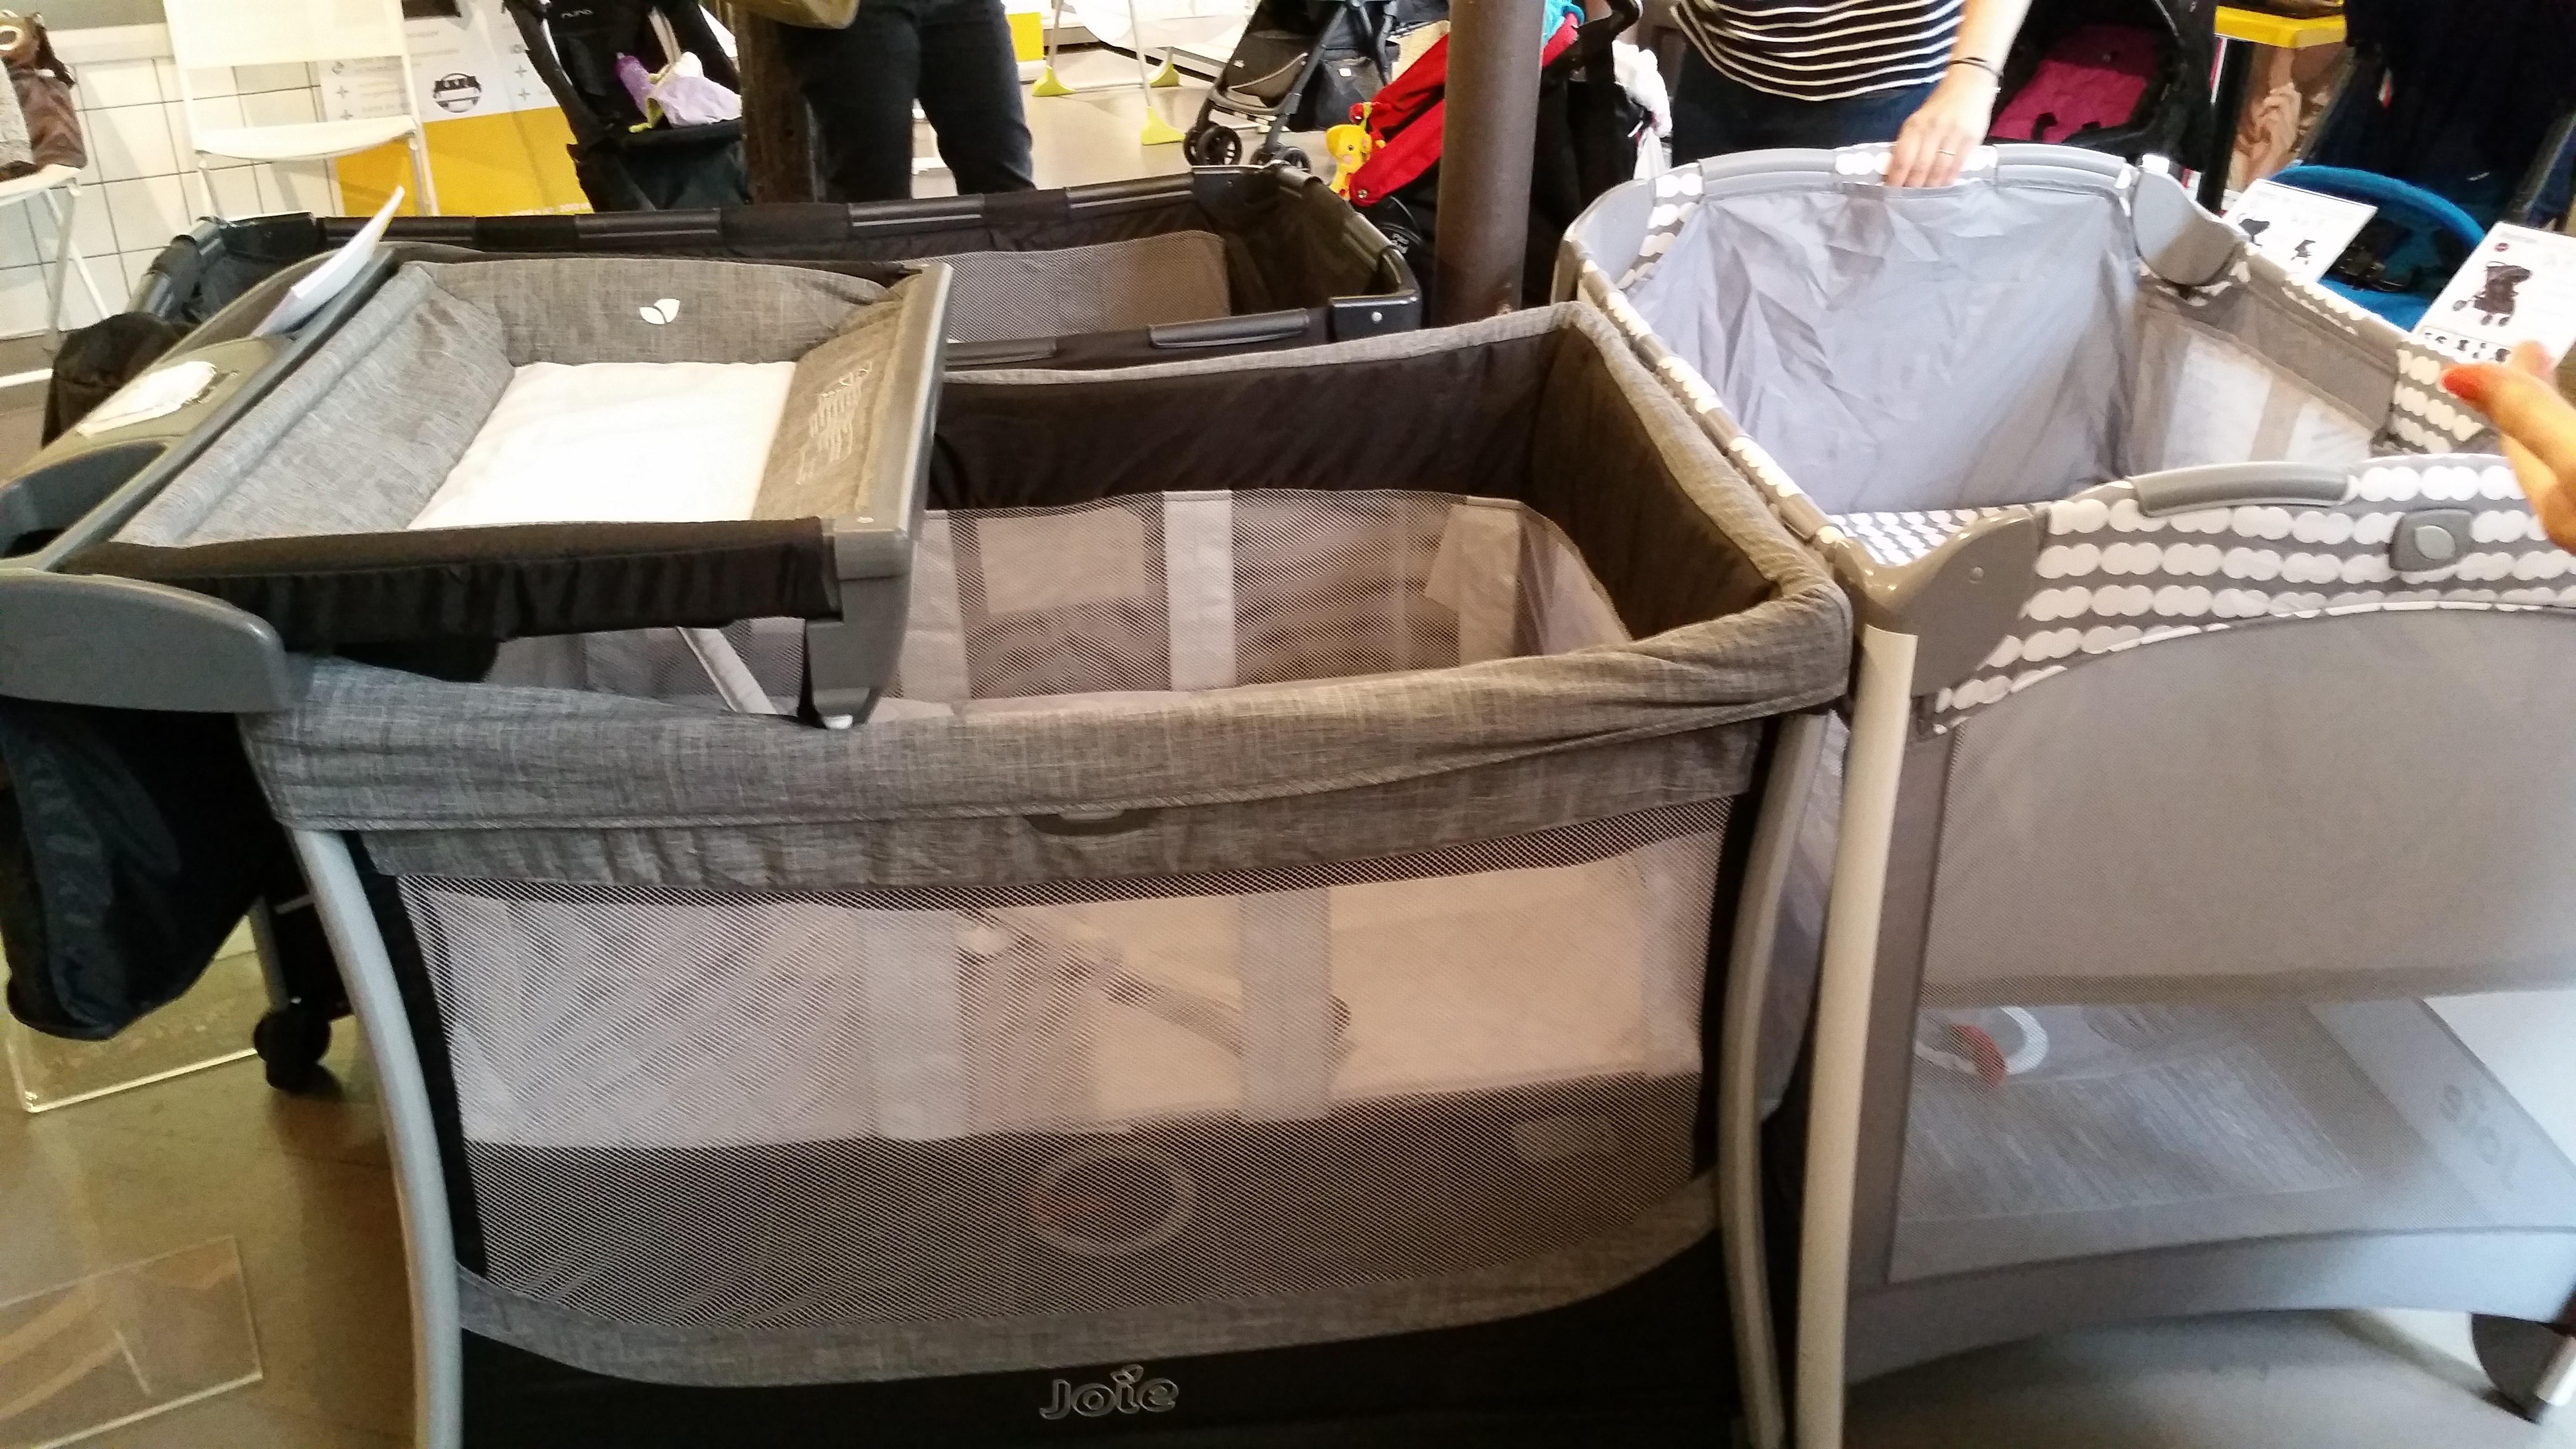 une journ e dans la joie et la bonne humeur event joie chroniques d 39 une maman en cdi. Black Bedroom Furniture Sets. Home Design Ideas